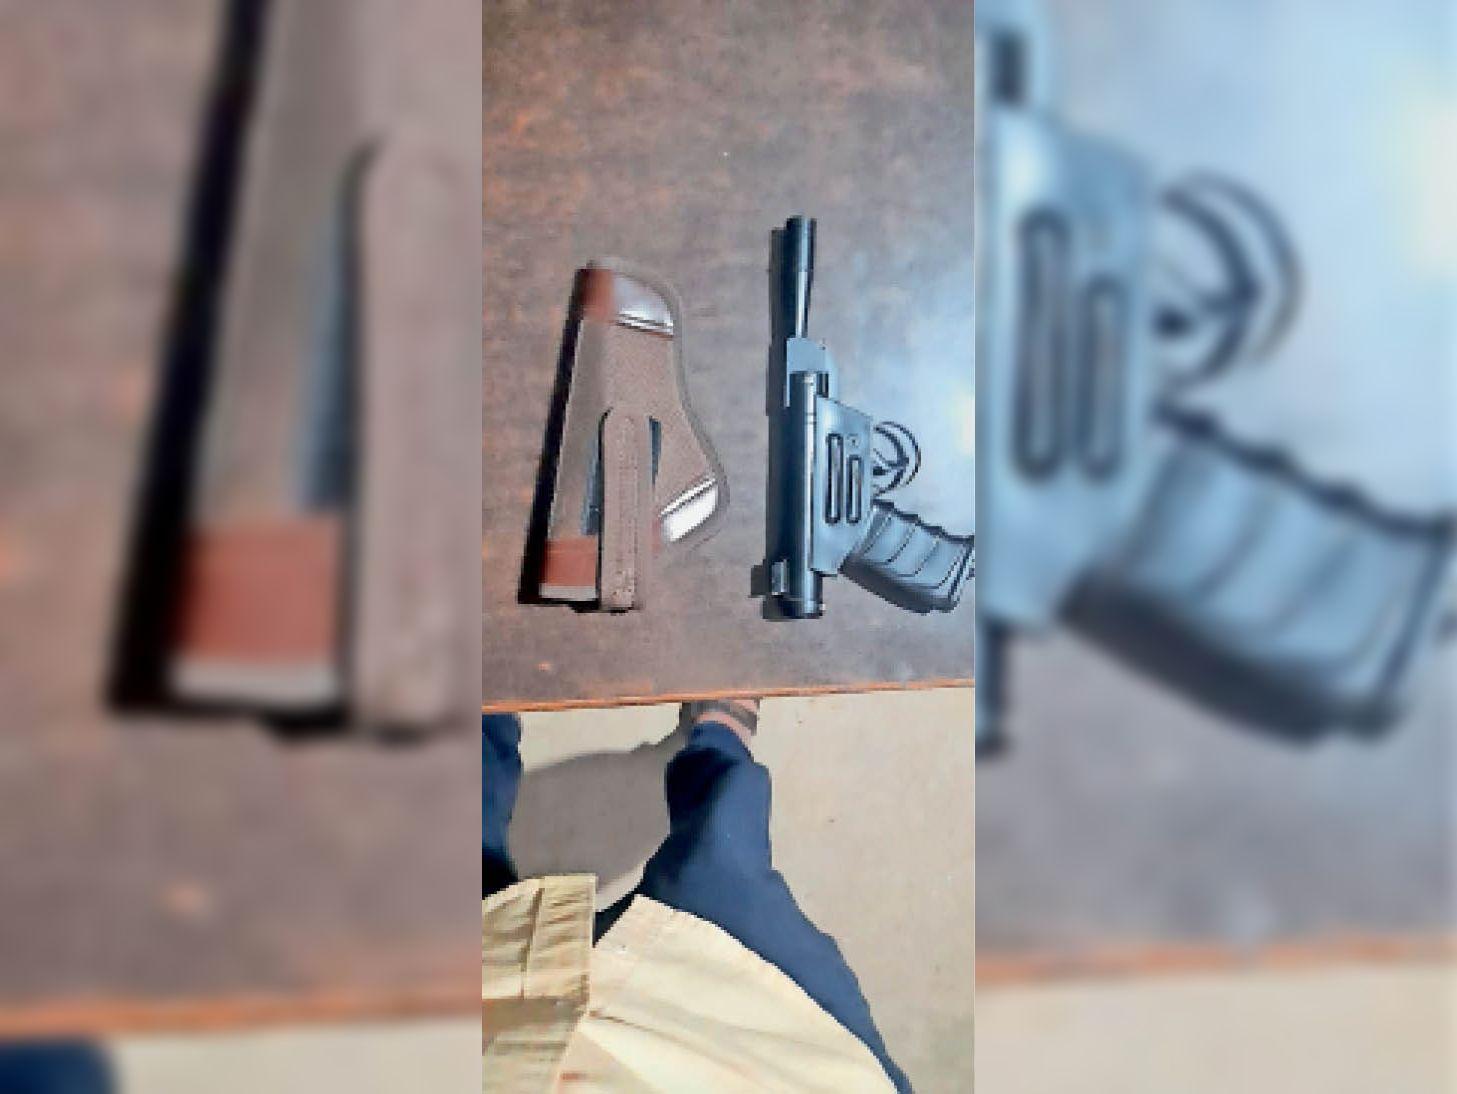 आधा घंटे तक एयरगन से दुकानदारों को धमकाता रहा युवक, 3 घंटे बाद गिरफ्तार|जयपुर,Jaipur - Dainik Bhaskar